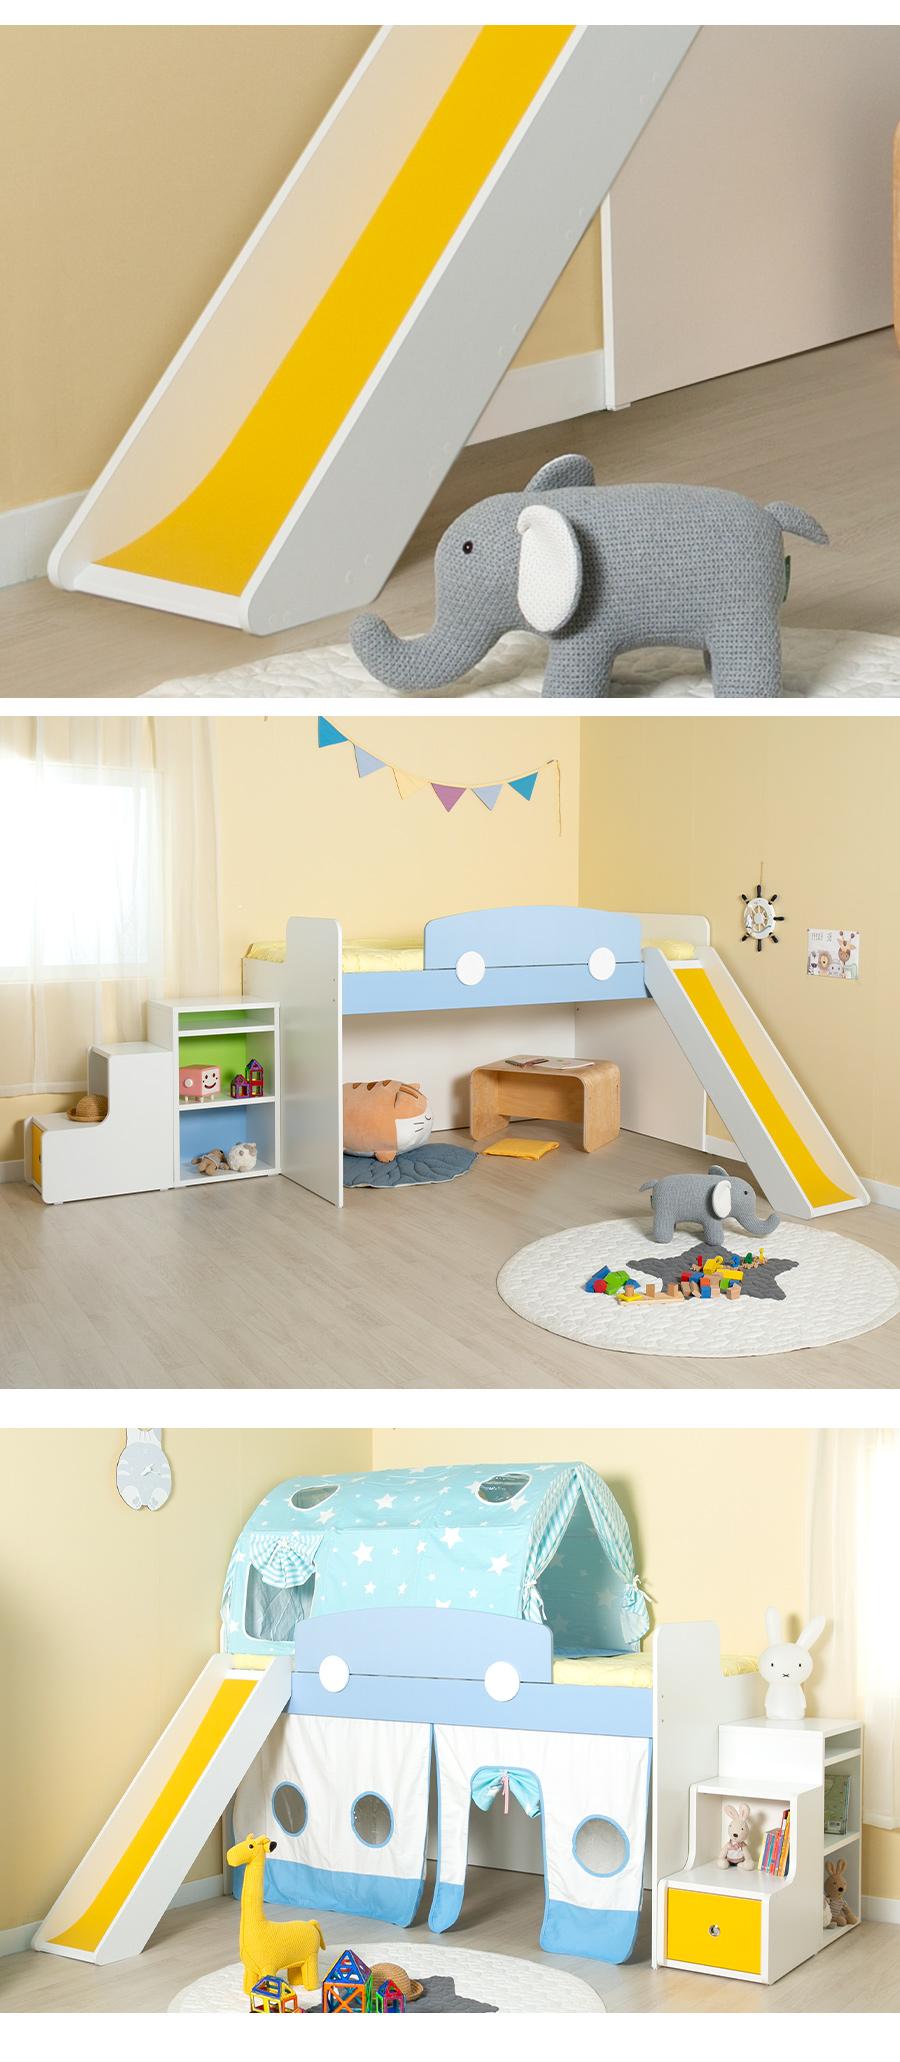 05-2_interior.jpg